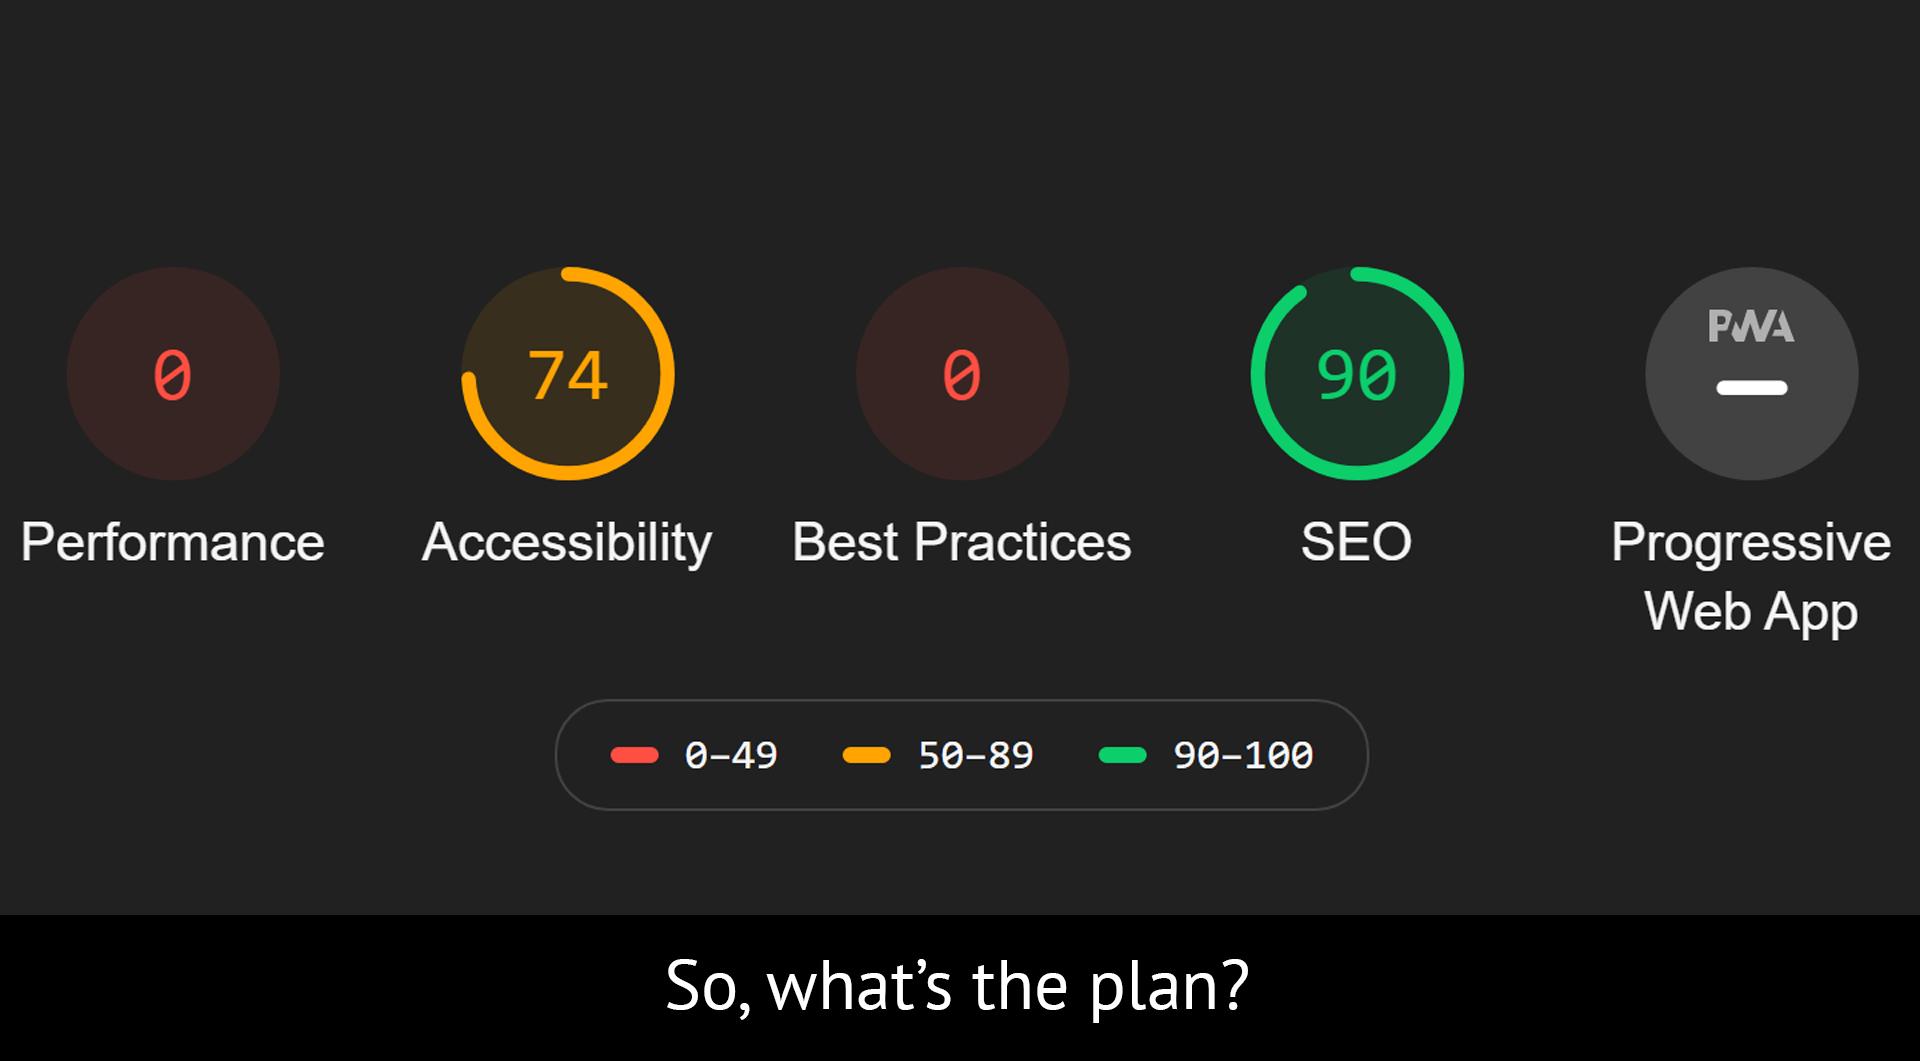 С чего начать оптимизацию сайта?